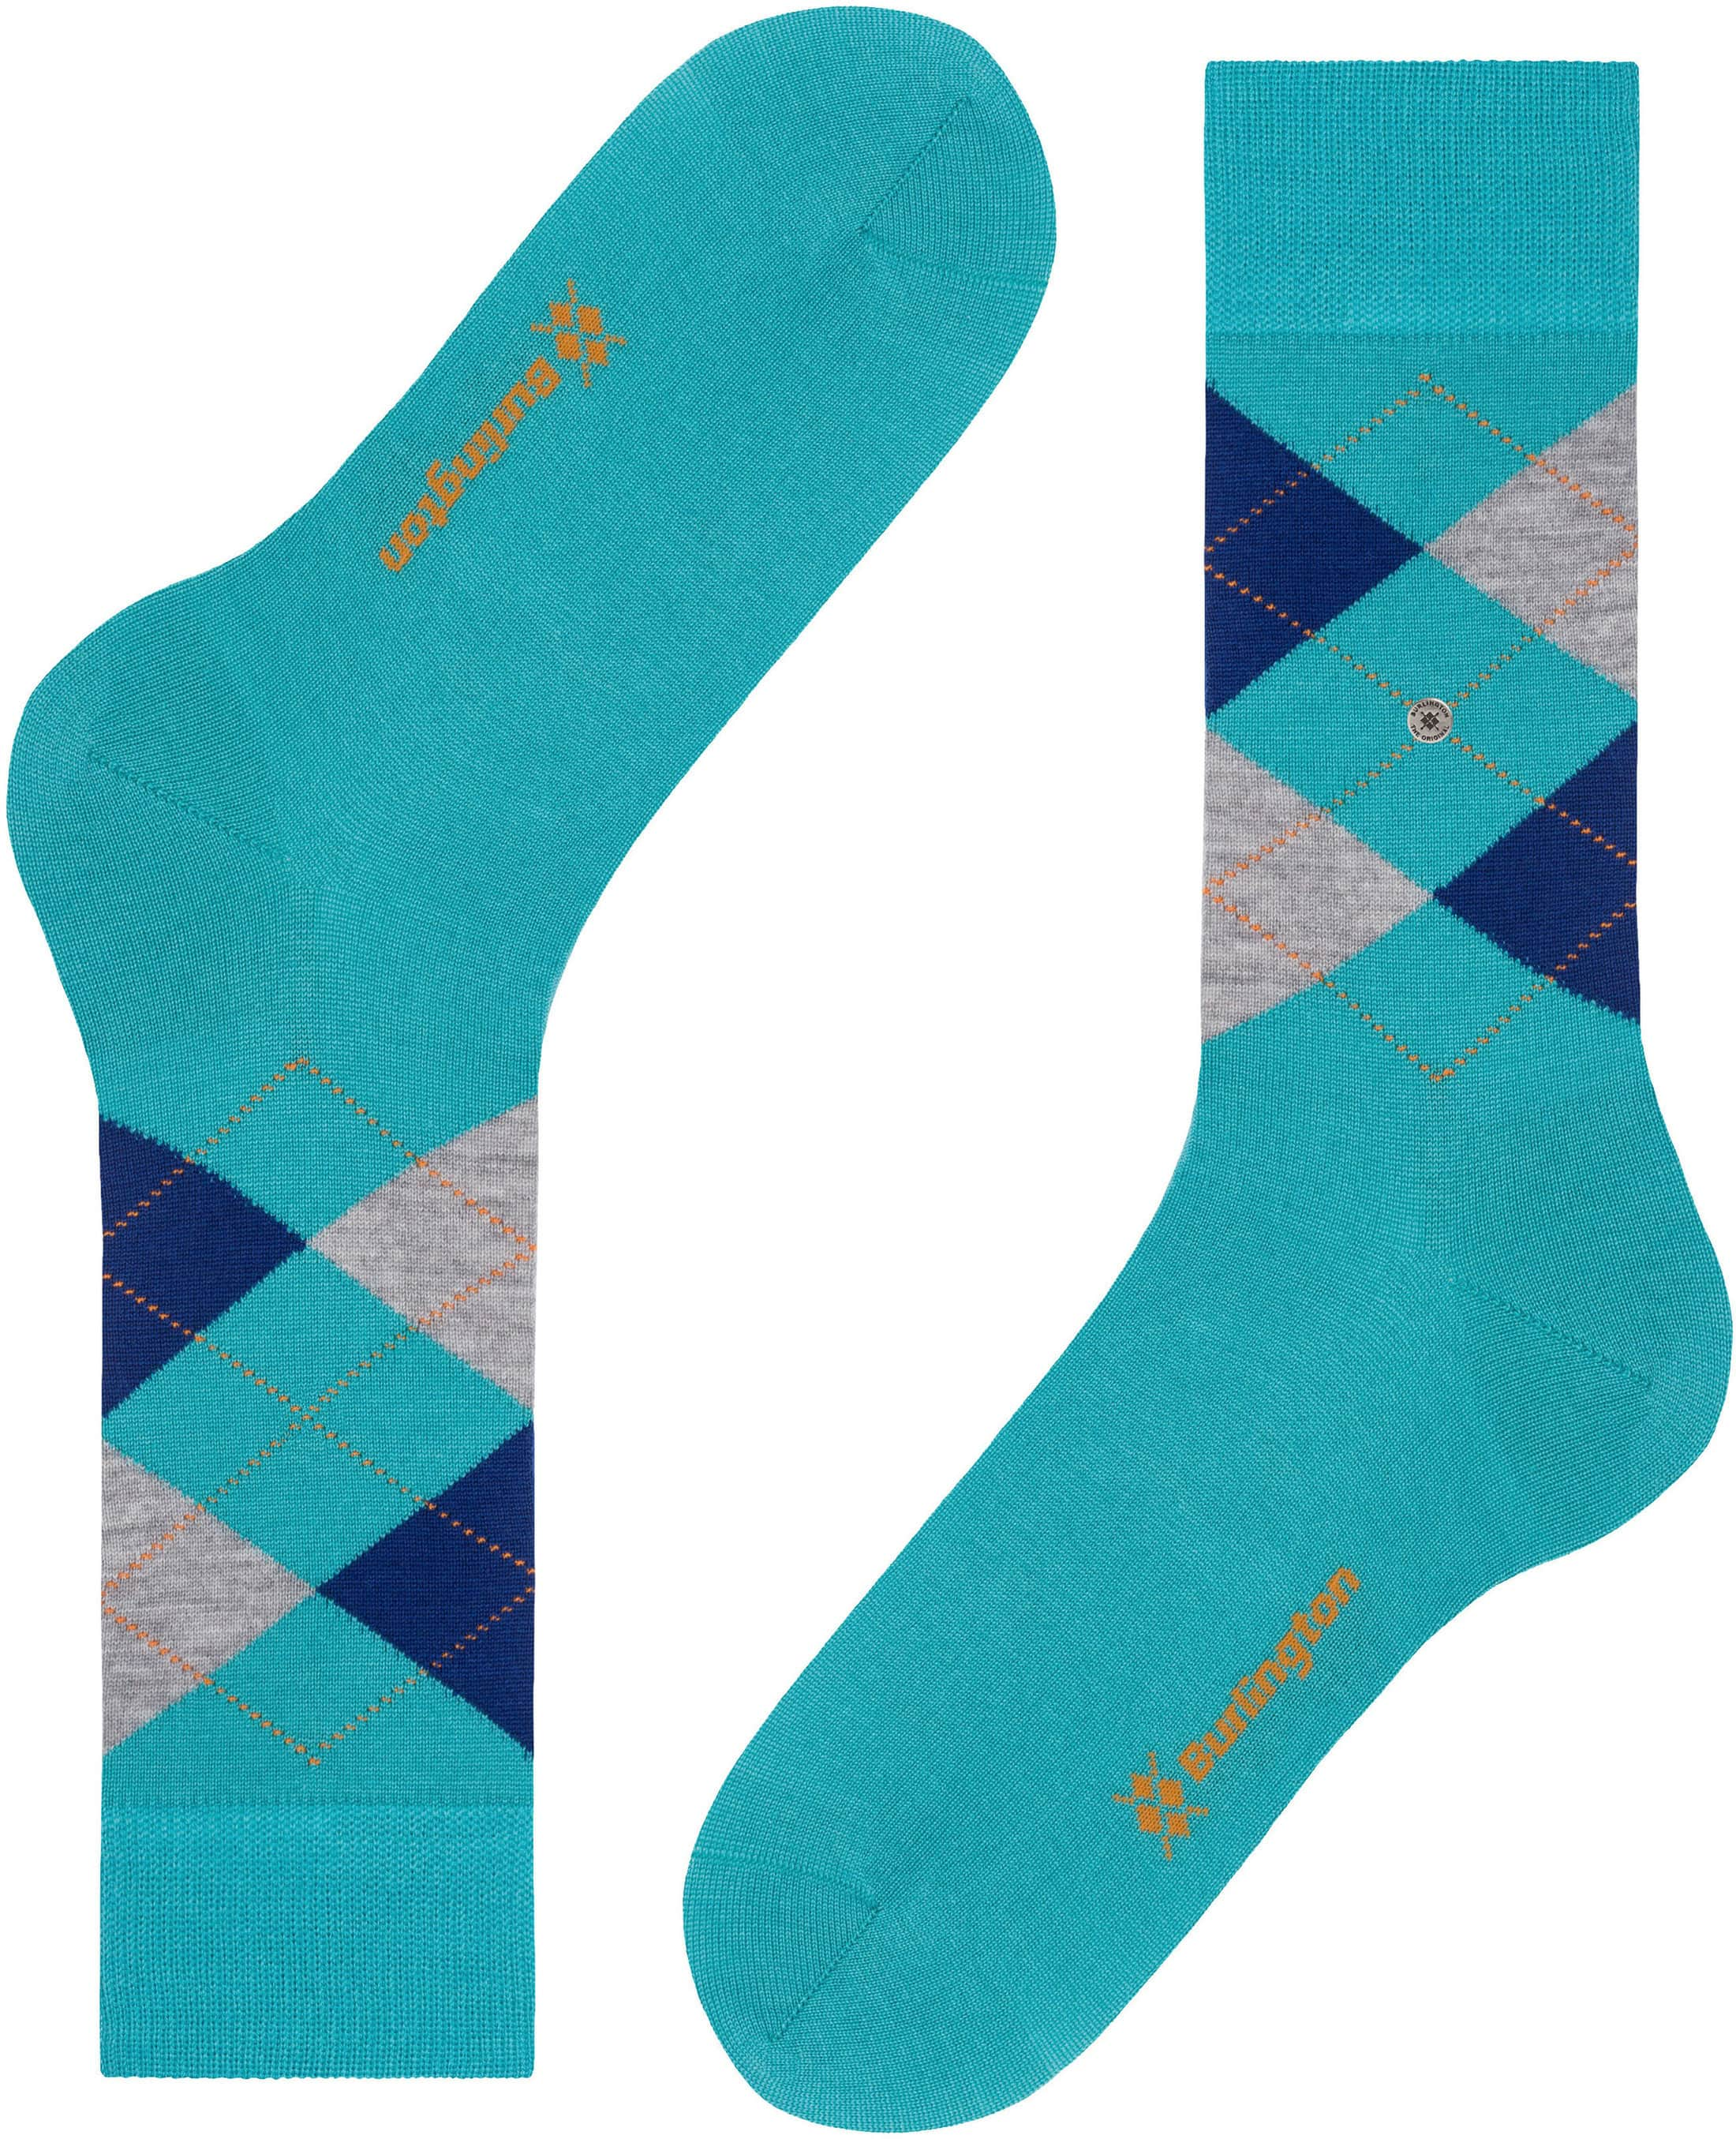 Burlington Socks Edinburgh 7332 foto 4